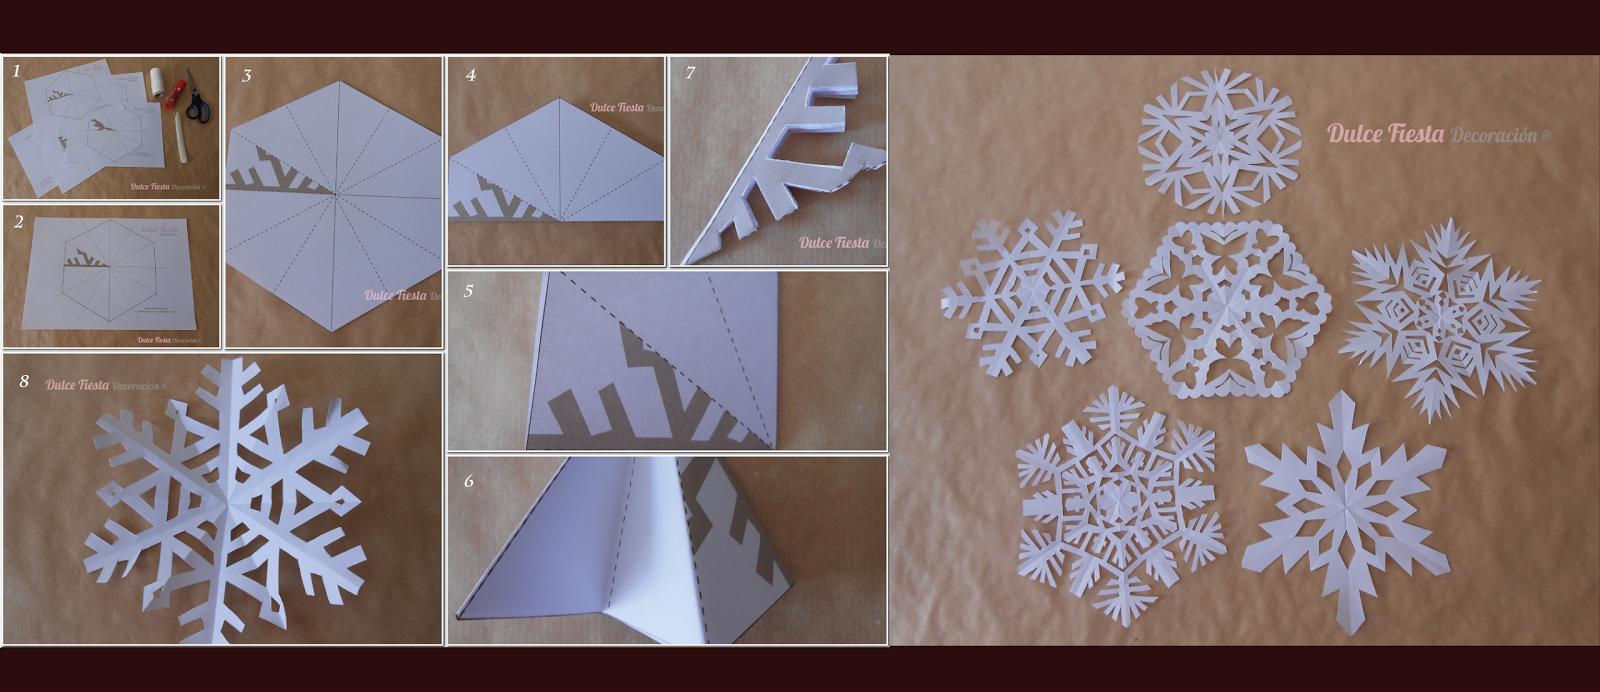 Dise o y decoraci n personalizada para eventos diy for Disenos navidenos para decorar puertas